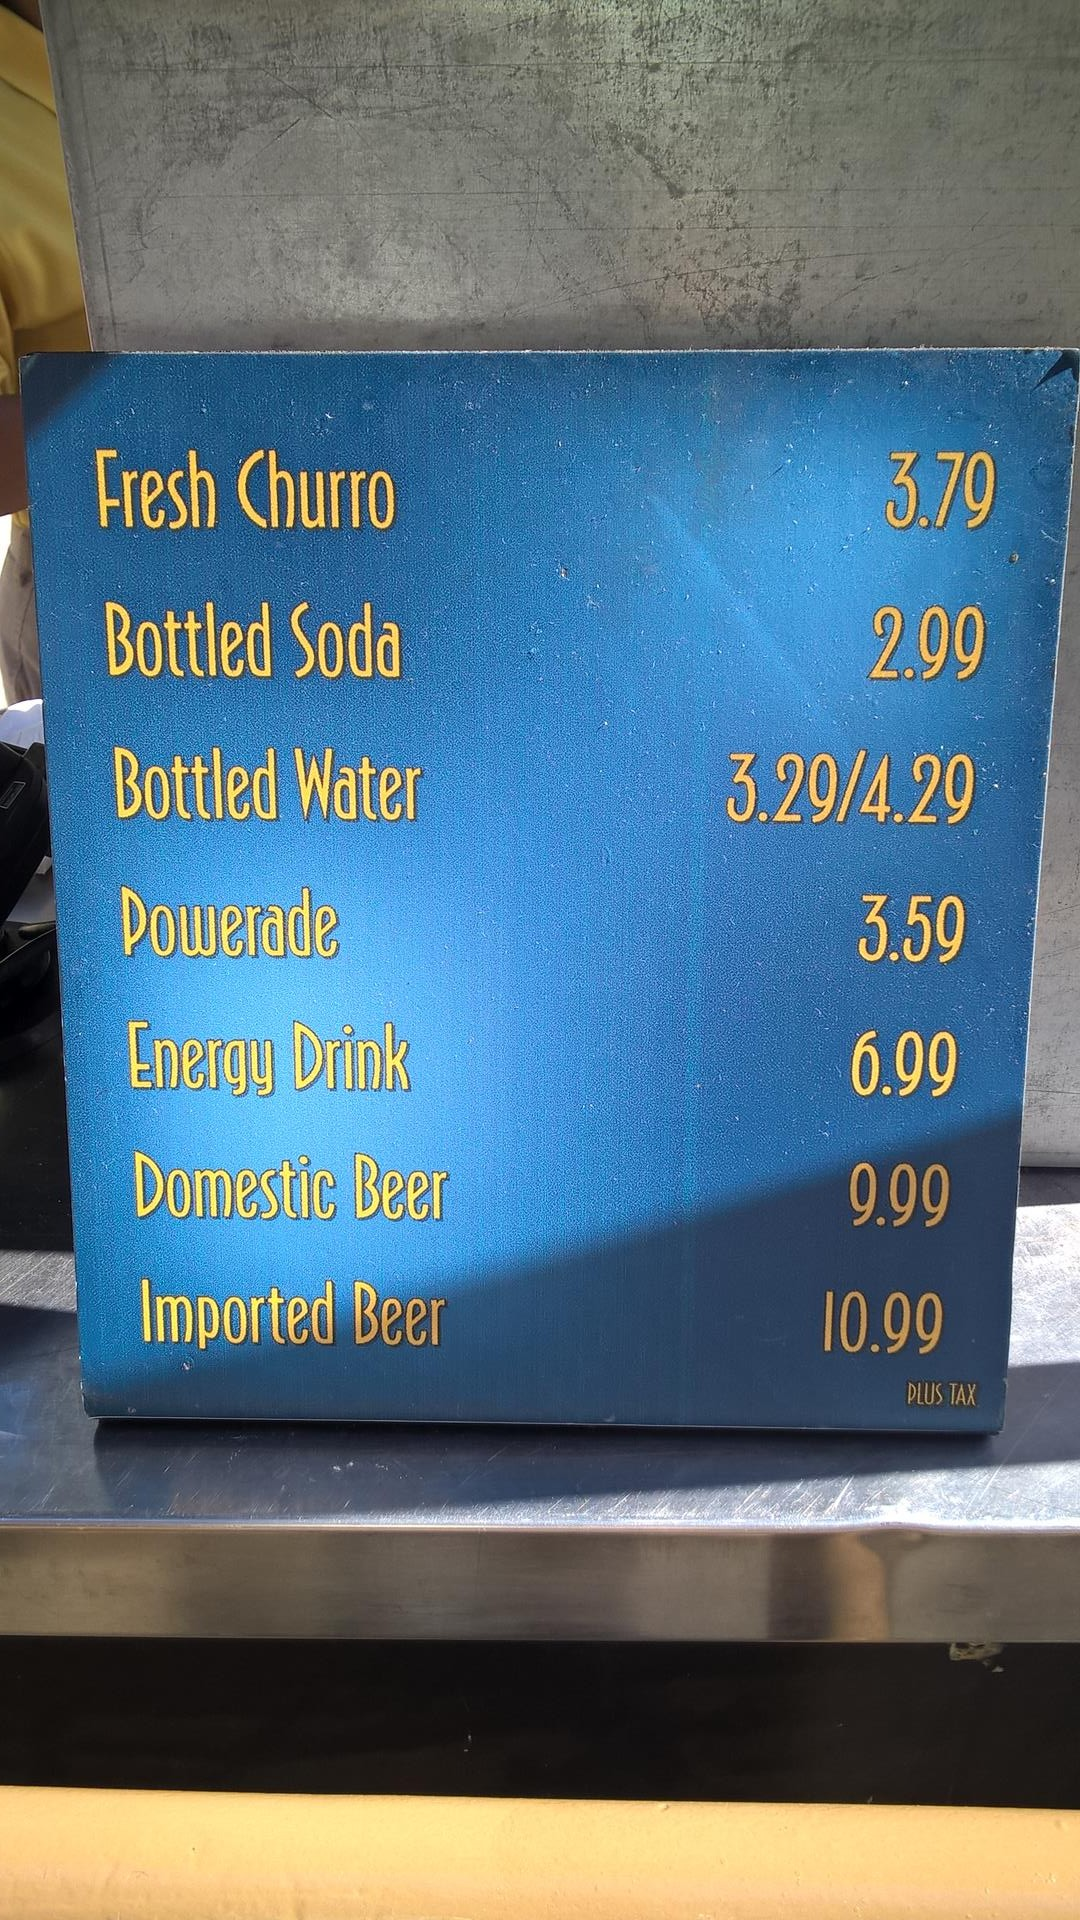 Ich wollte ein Wasser kaufen, aber mehr als 3$ für ein Wasser? Und warum ist Soda günstiger?